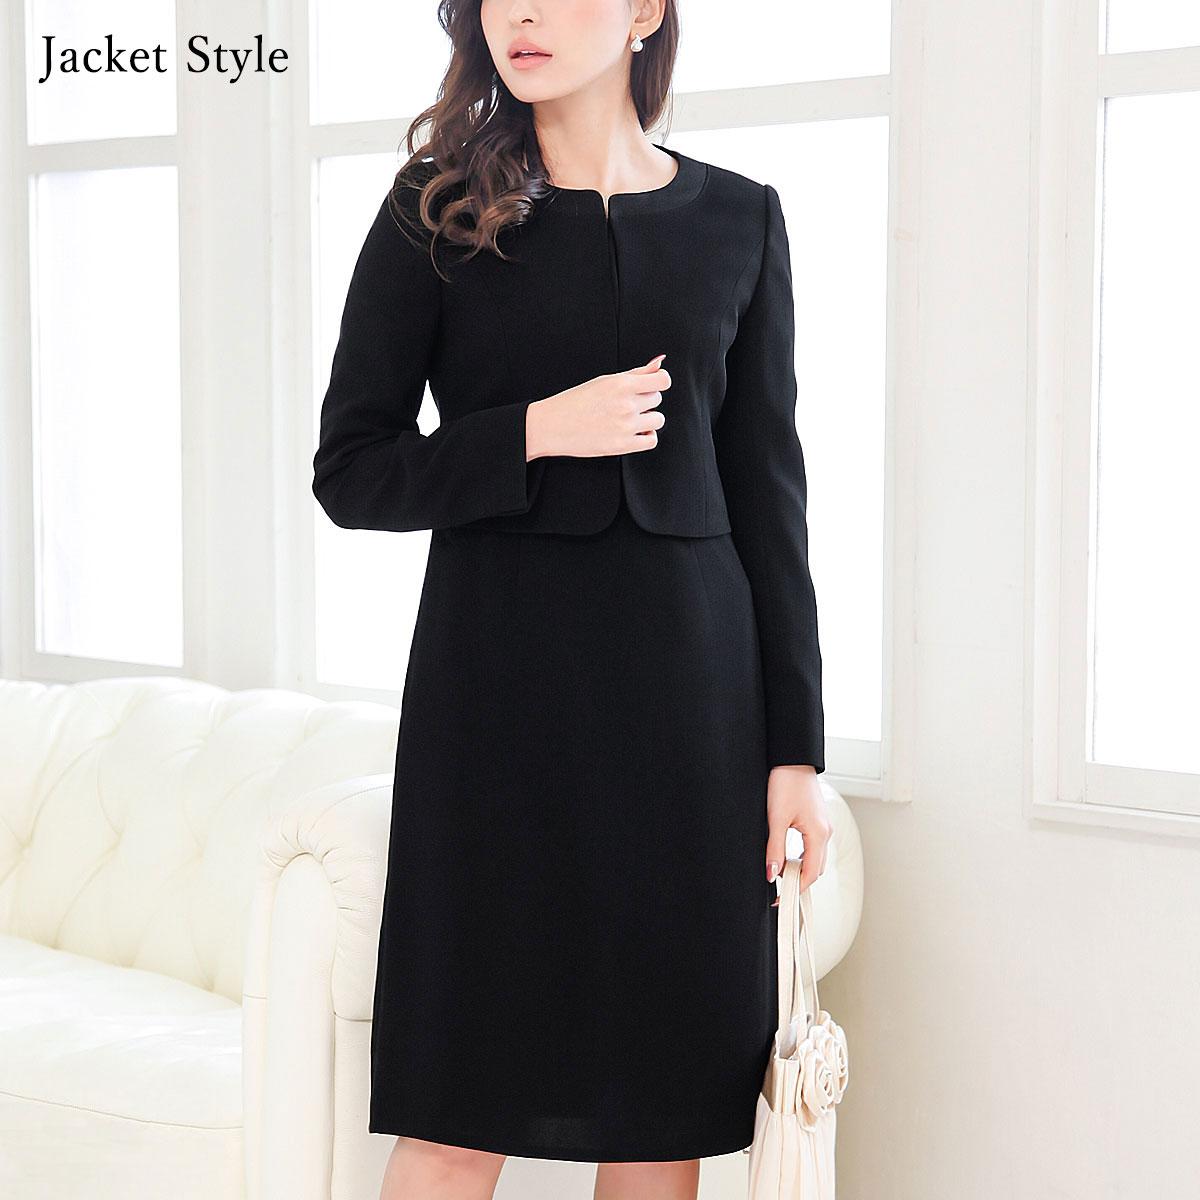 Dress shop GIRL   Rakuten Global Market: It is 50 ...